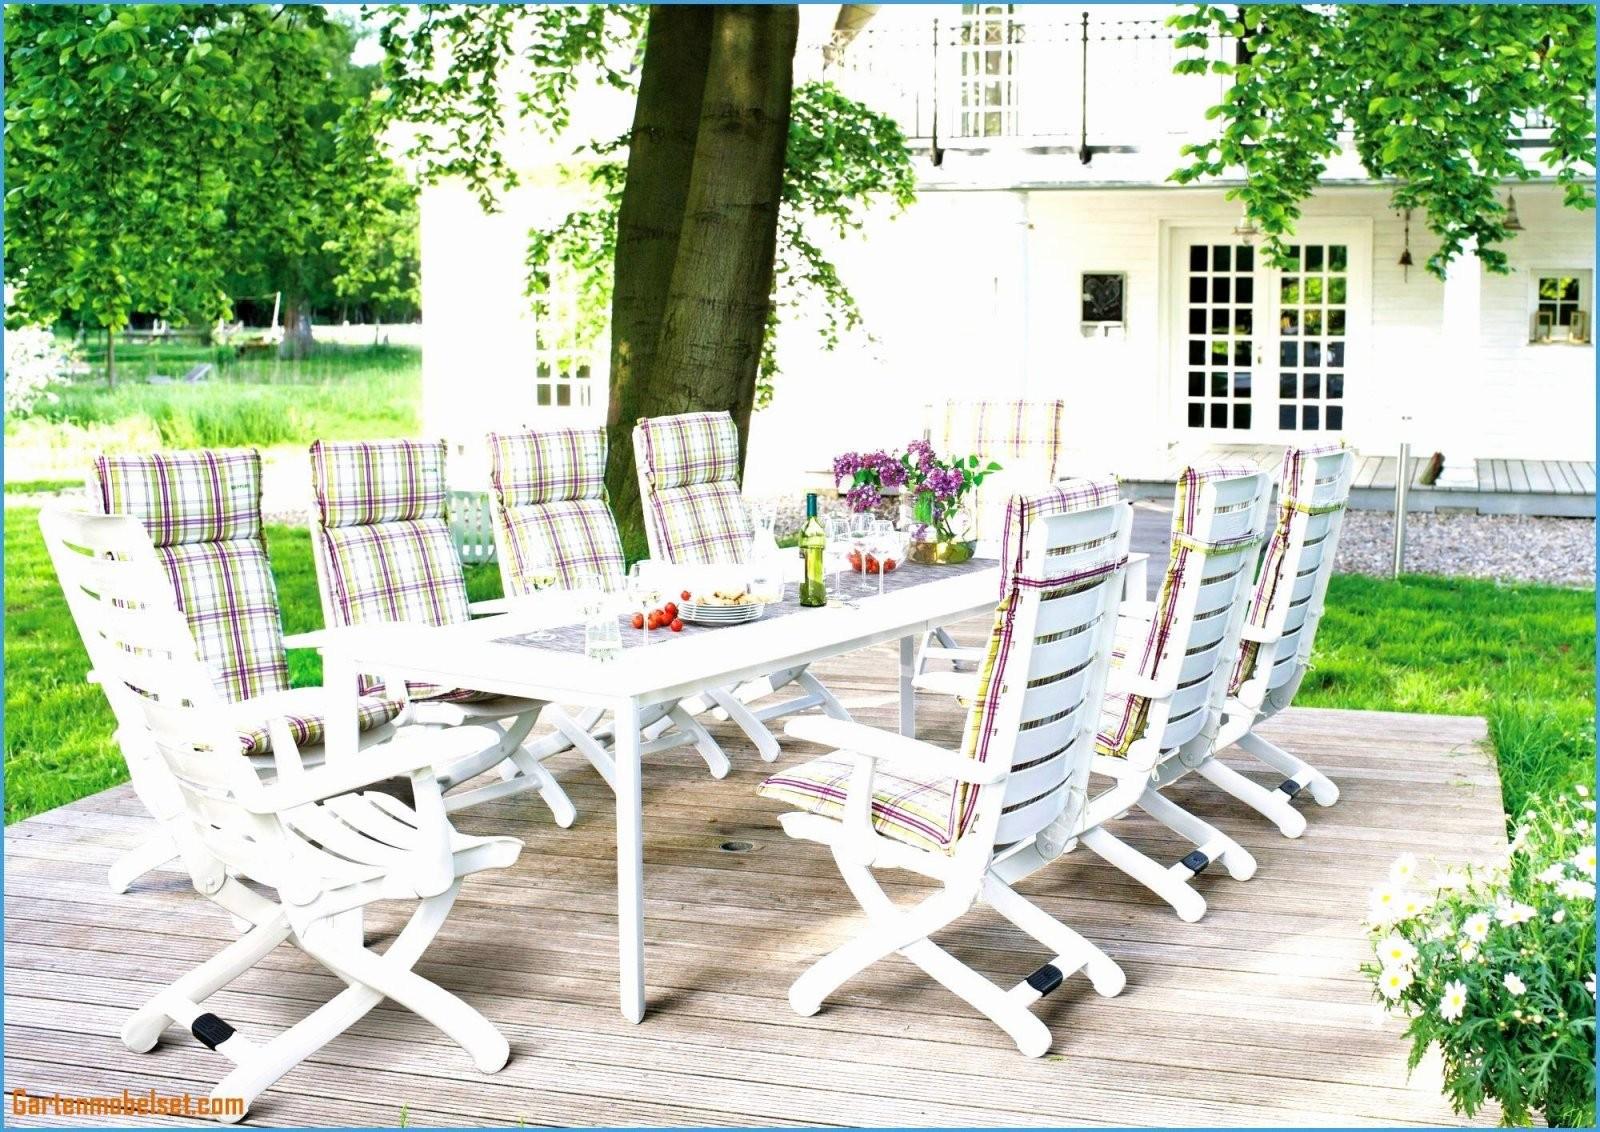 Deko Garten 2018 12 19T06 43 11 Für Ideen Royal Garden Gartenmöbel von Royal Garden Gartenmöbel Werksverkauf Bild